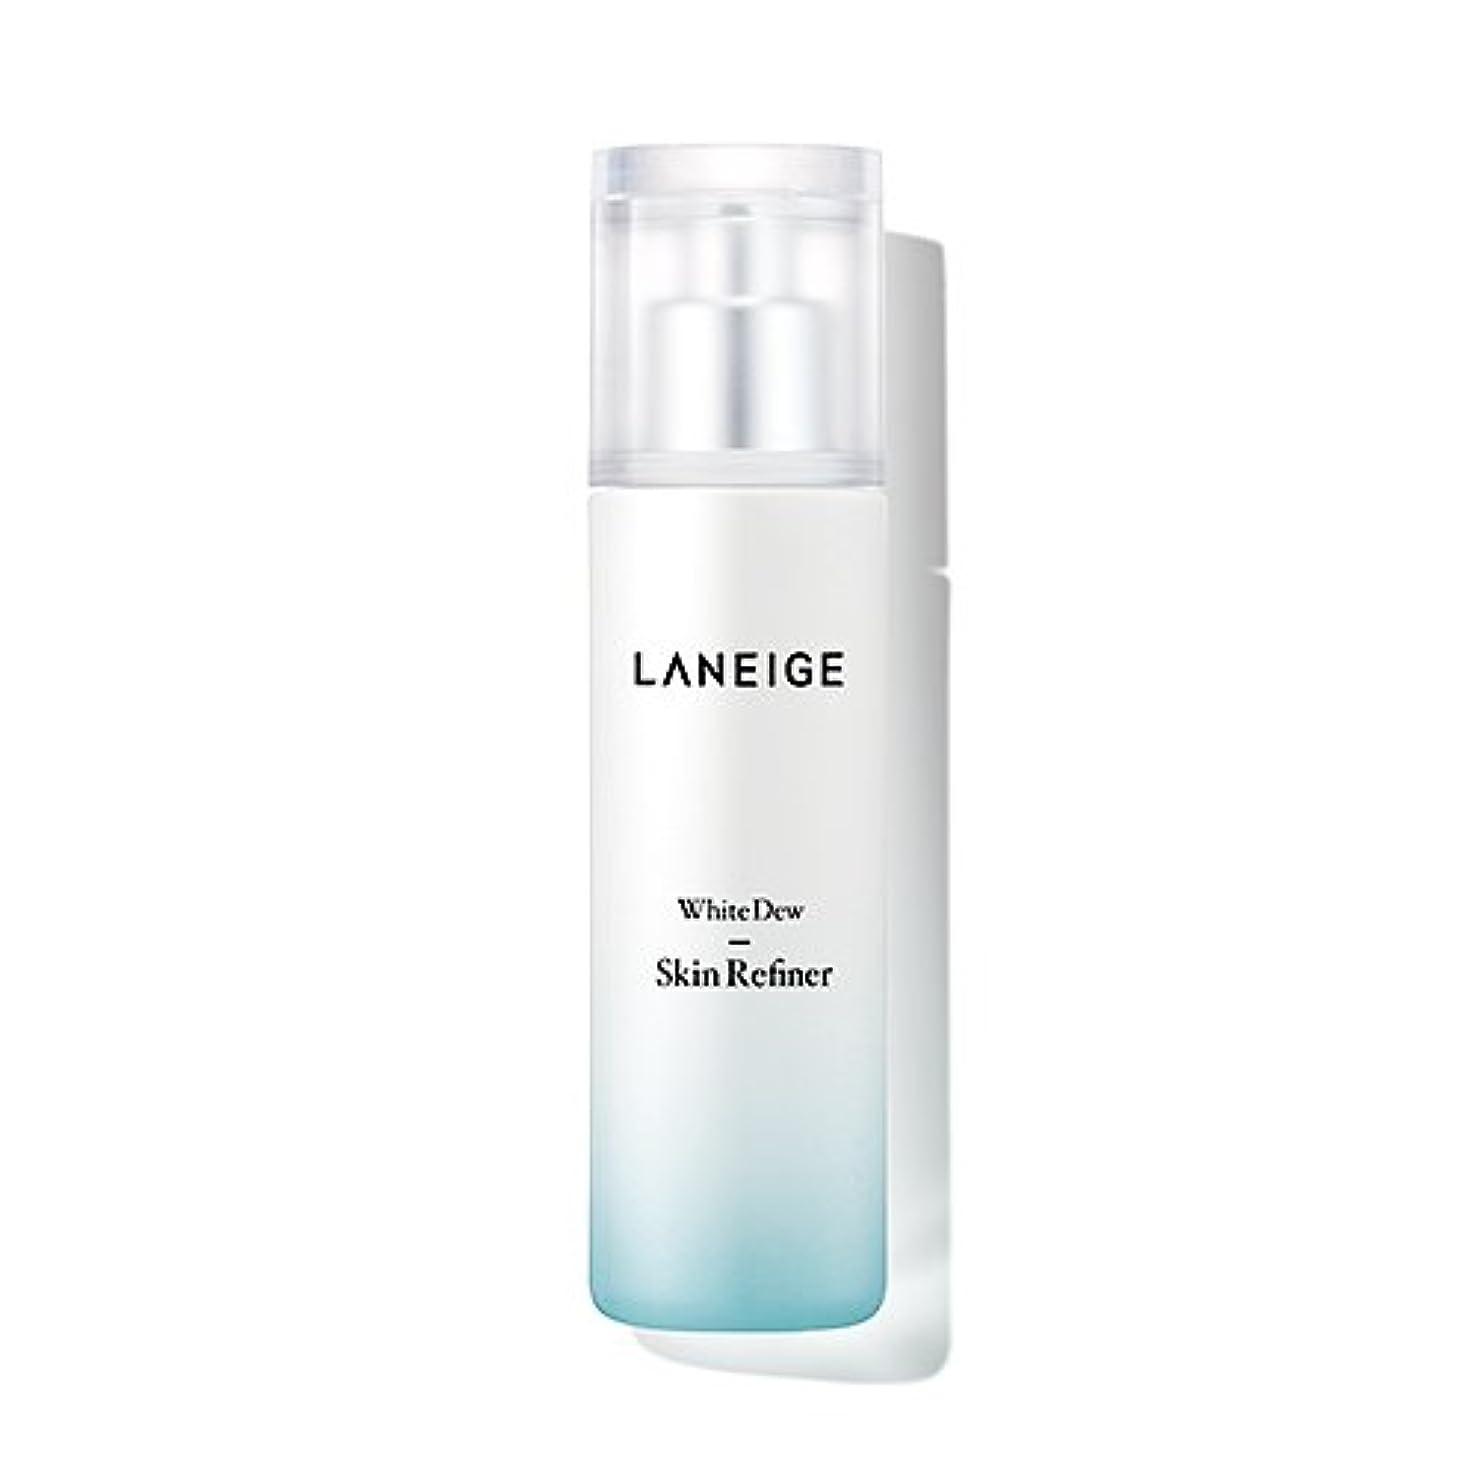 評論家メディア船形[ラネージュ] LANEIGEホワイトデュースキンリファイナー White Dew Skin Refiner(海外直送品) [並行輸入品]